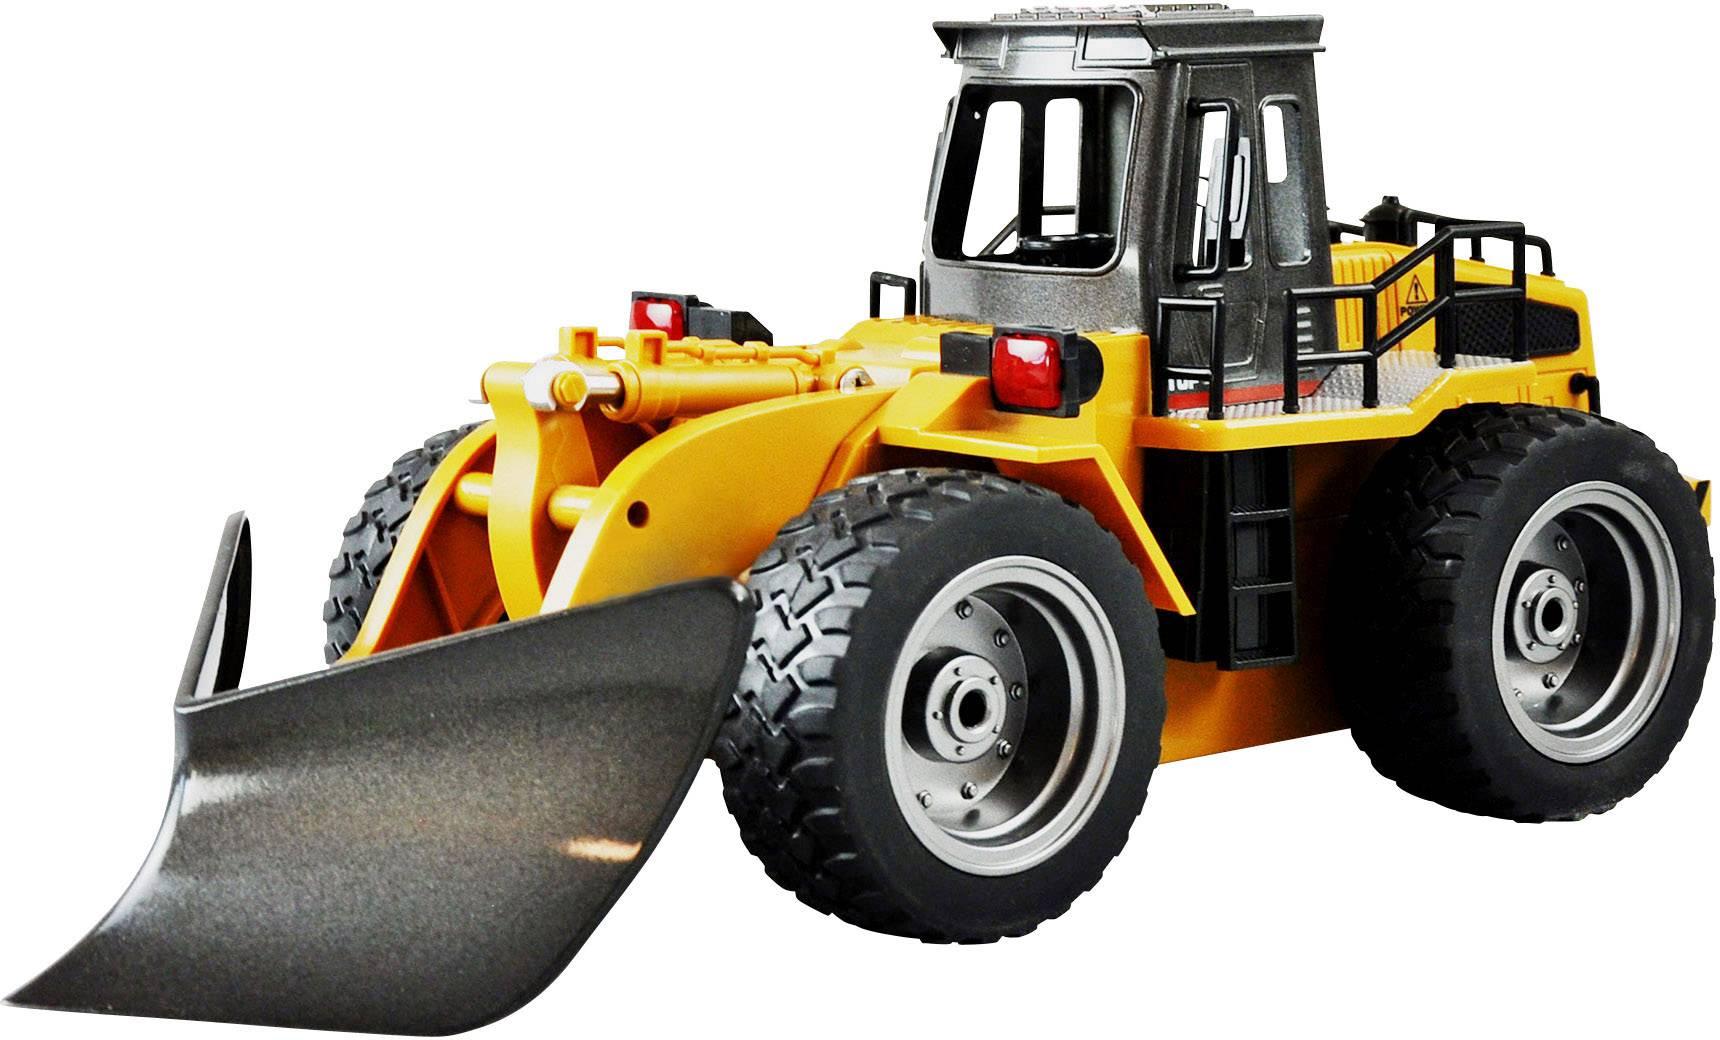 Amewi  1:18 rc funkcijski model za početnike građevinsko vozilo uklj. baterija i punjač